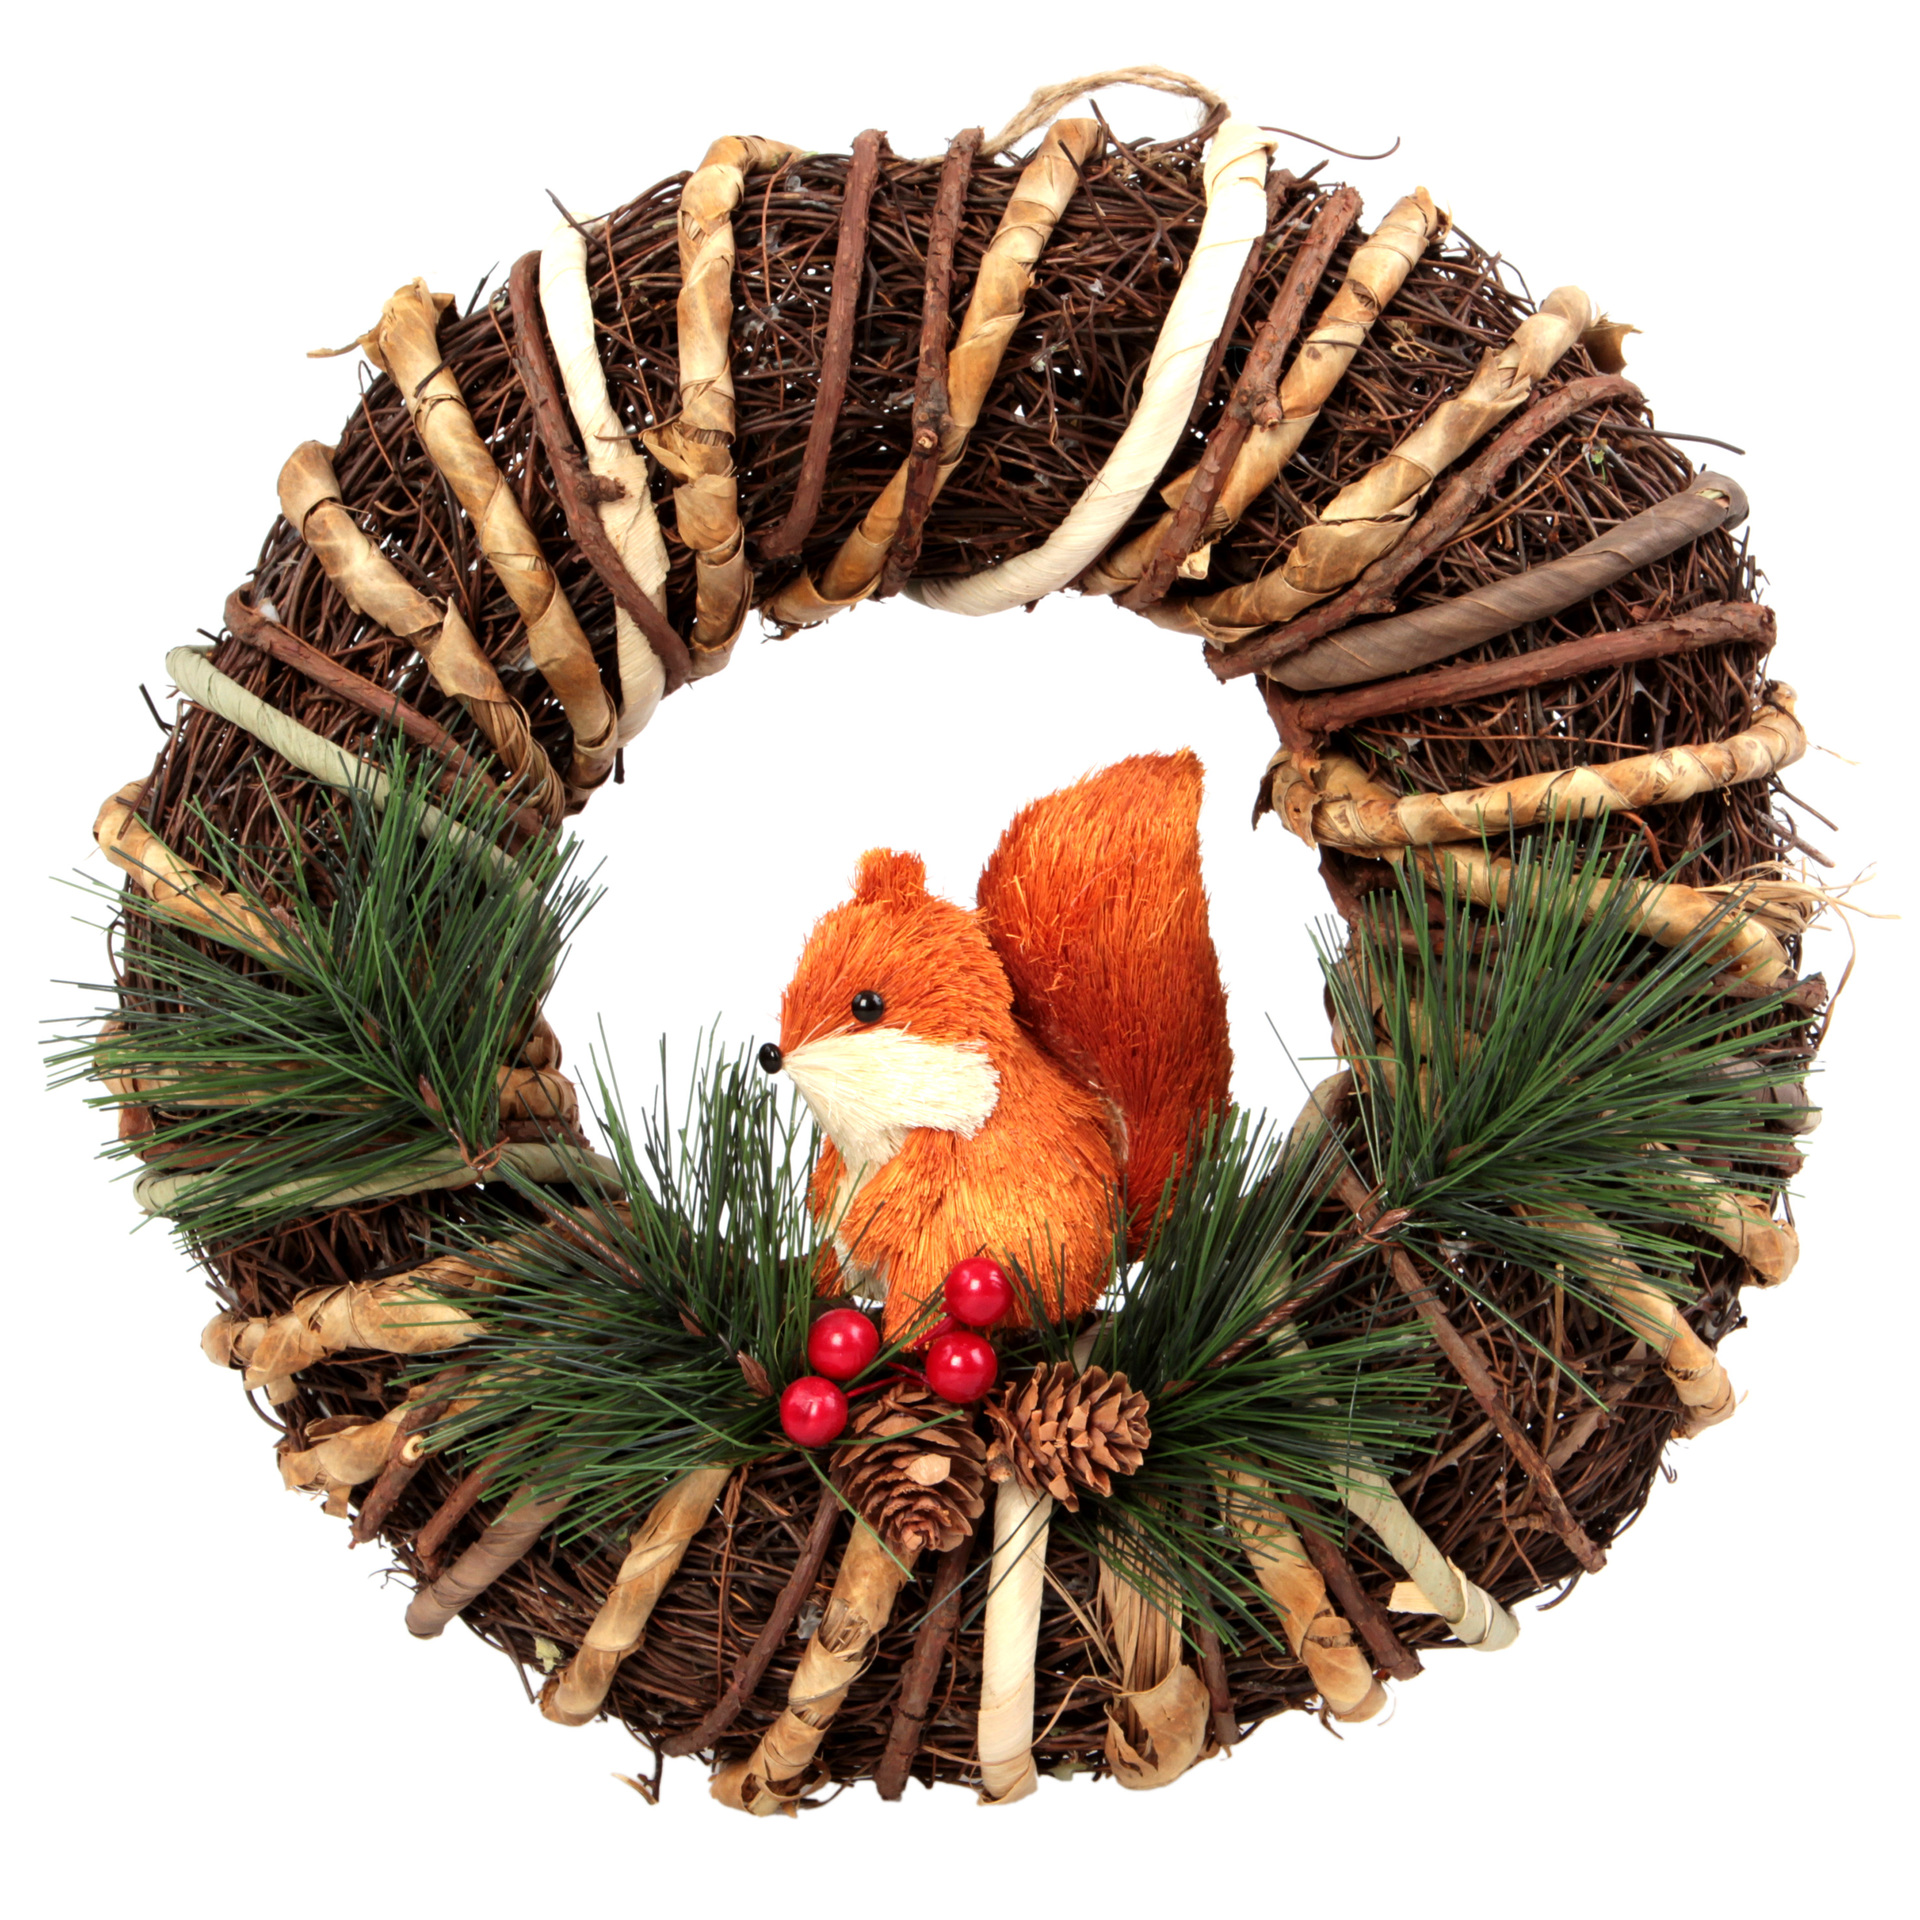 30 cm dekorativní věnec, proutěný s veverkou